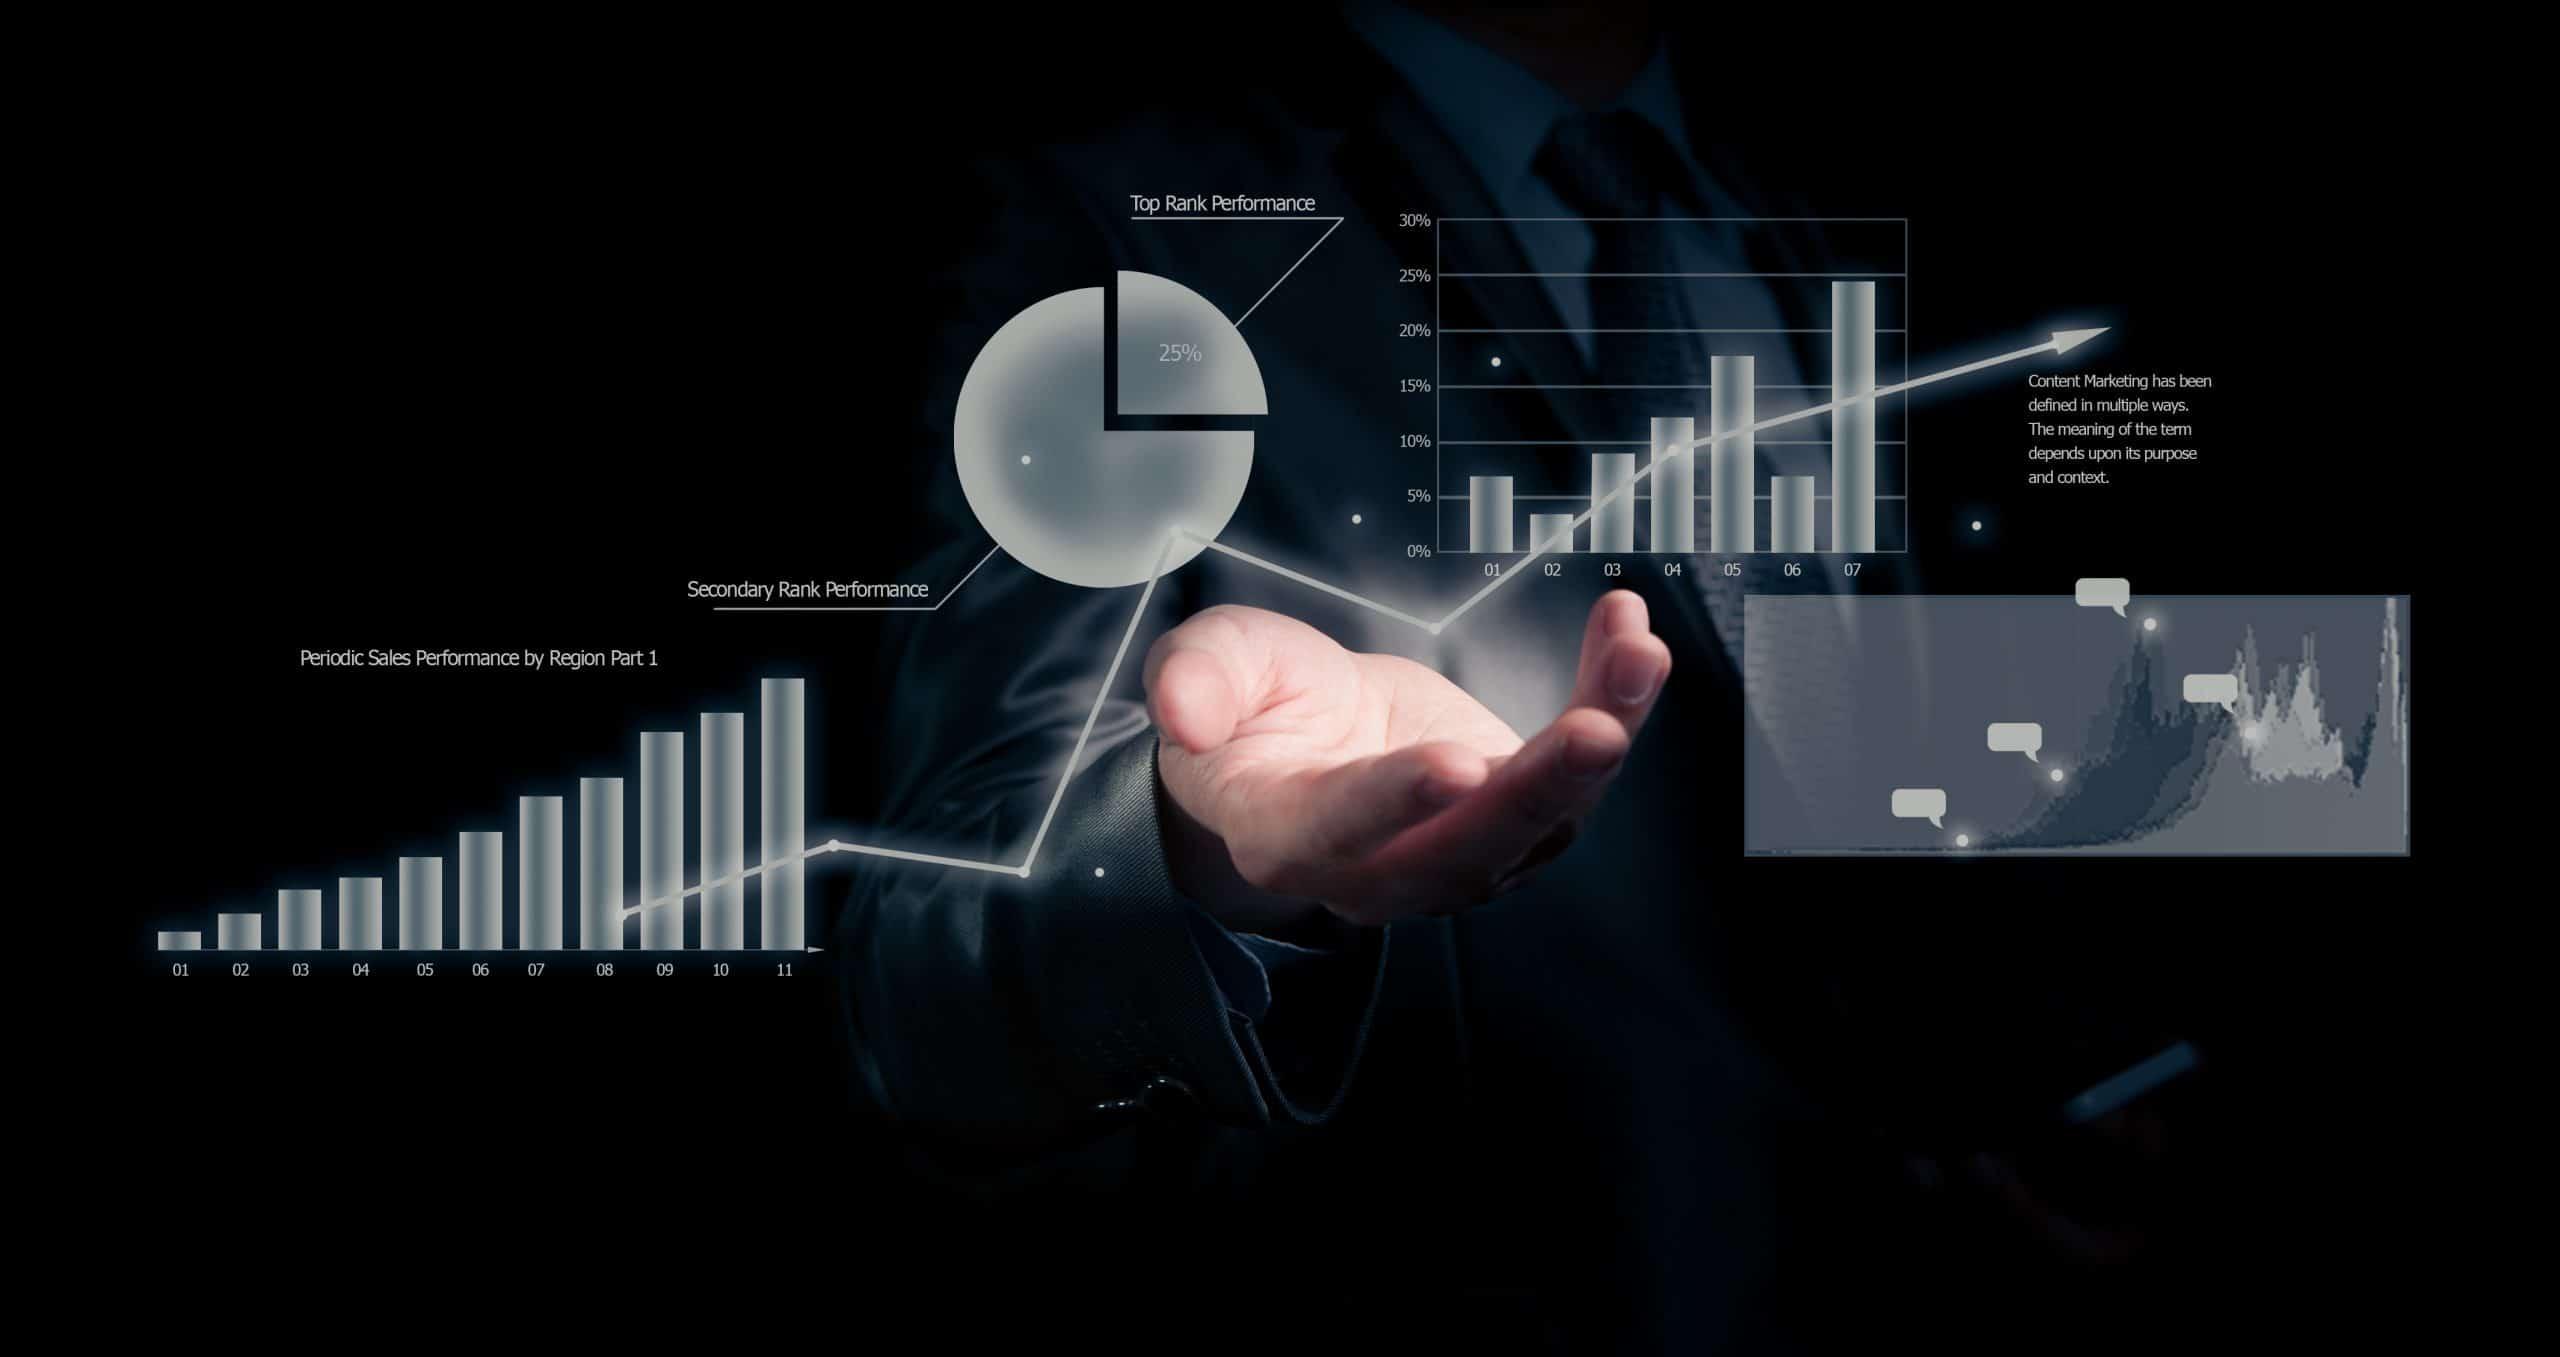 4 ข้อดีของการทำ Customer 360 หรือ CDP ที่นักการตลาดยุคดาต้า 5.0 ต้องรู้